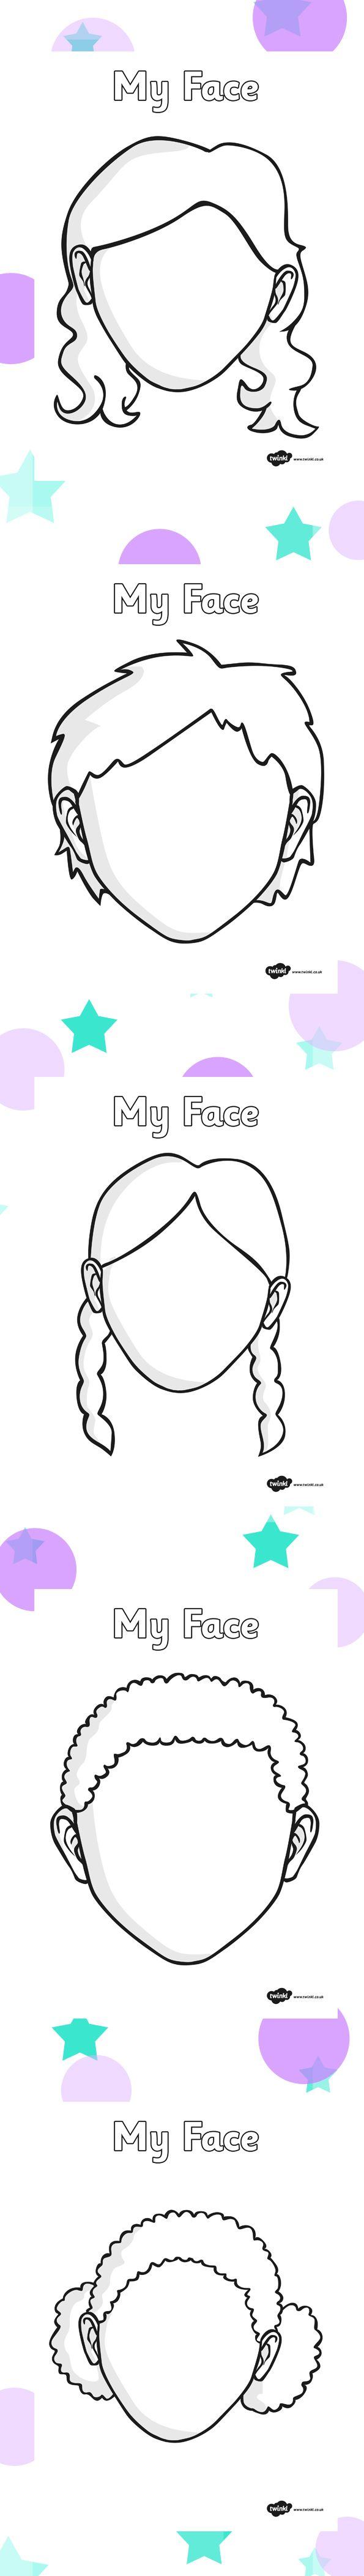 Blank faces - twinkl … | faaliyet | Pinterest | Vorschule, Mein ...